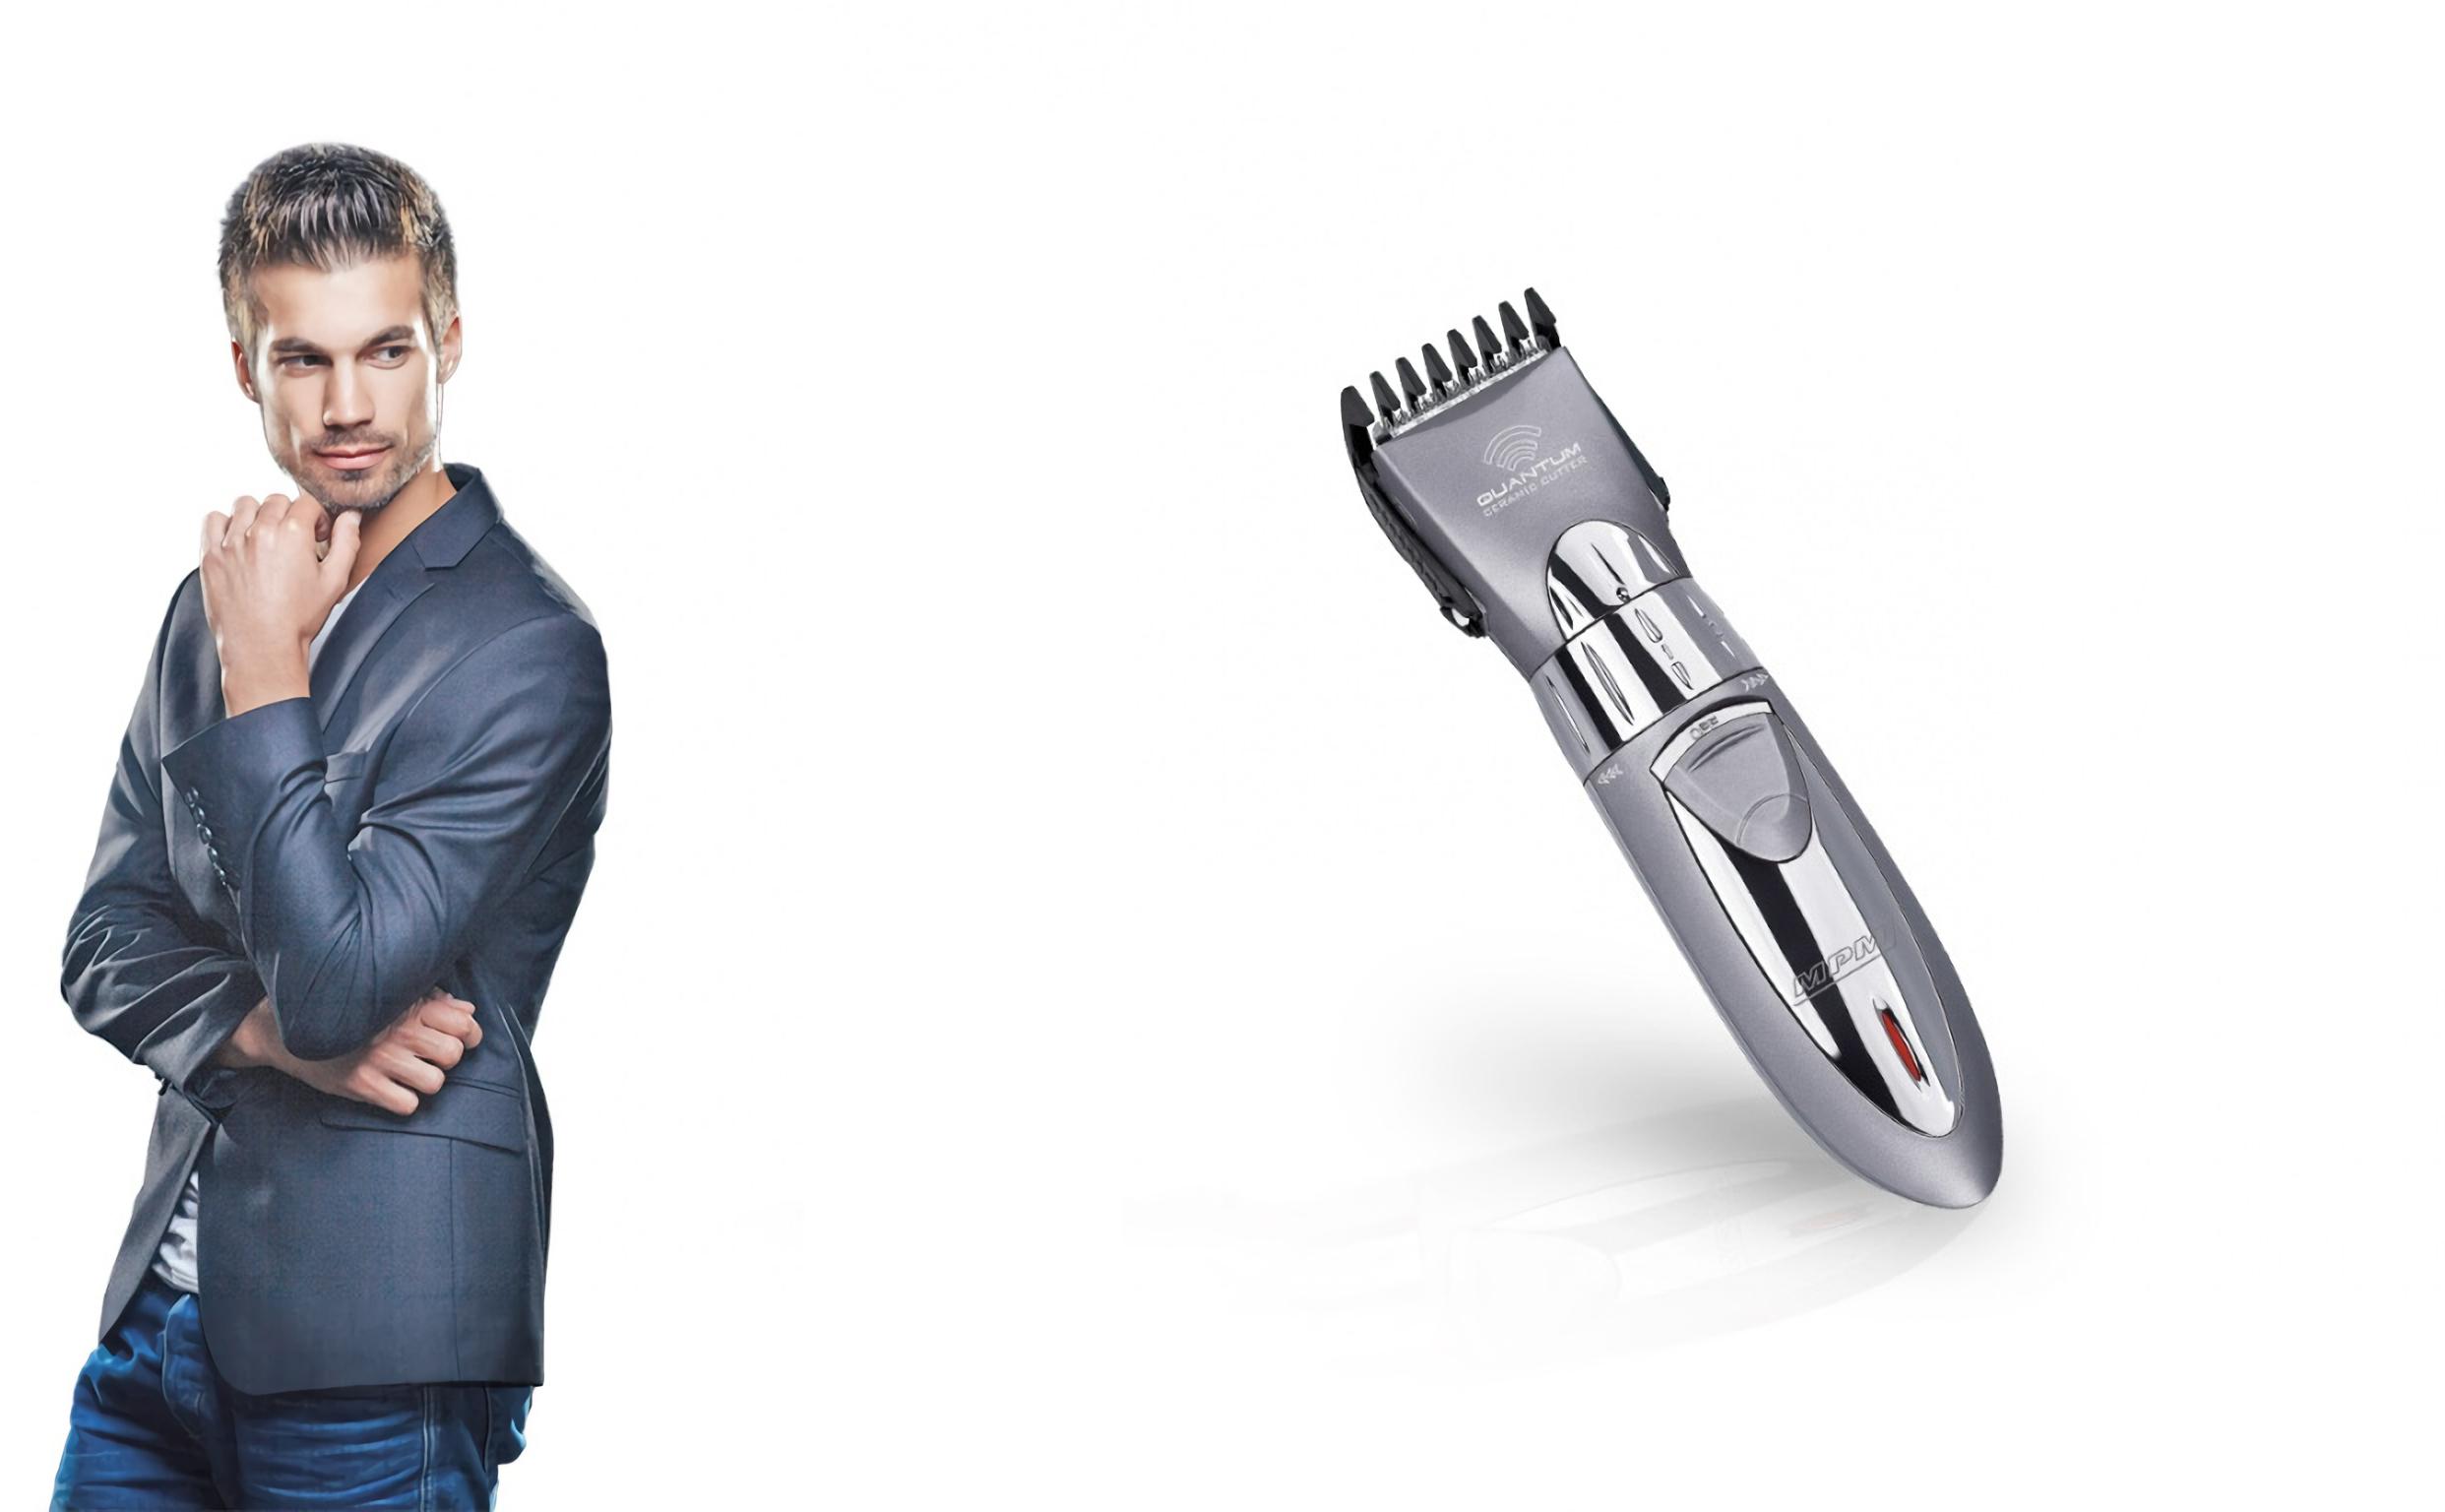 MPM MMW-01 Cortapelos Eléctrico afeitadora para Hombre, Inalámbrico, Ajuste de corte, Hoja cerámica, cabeza, barba y cuerpo, Blanco